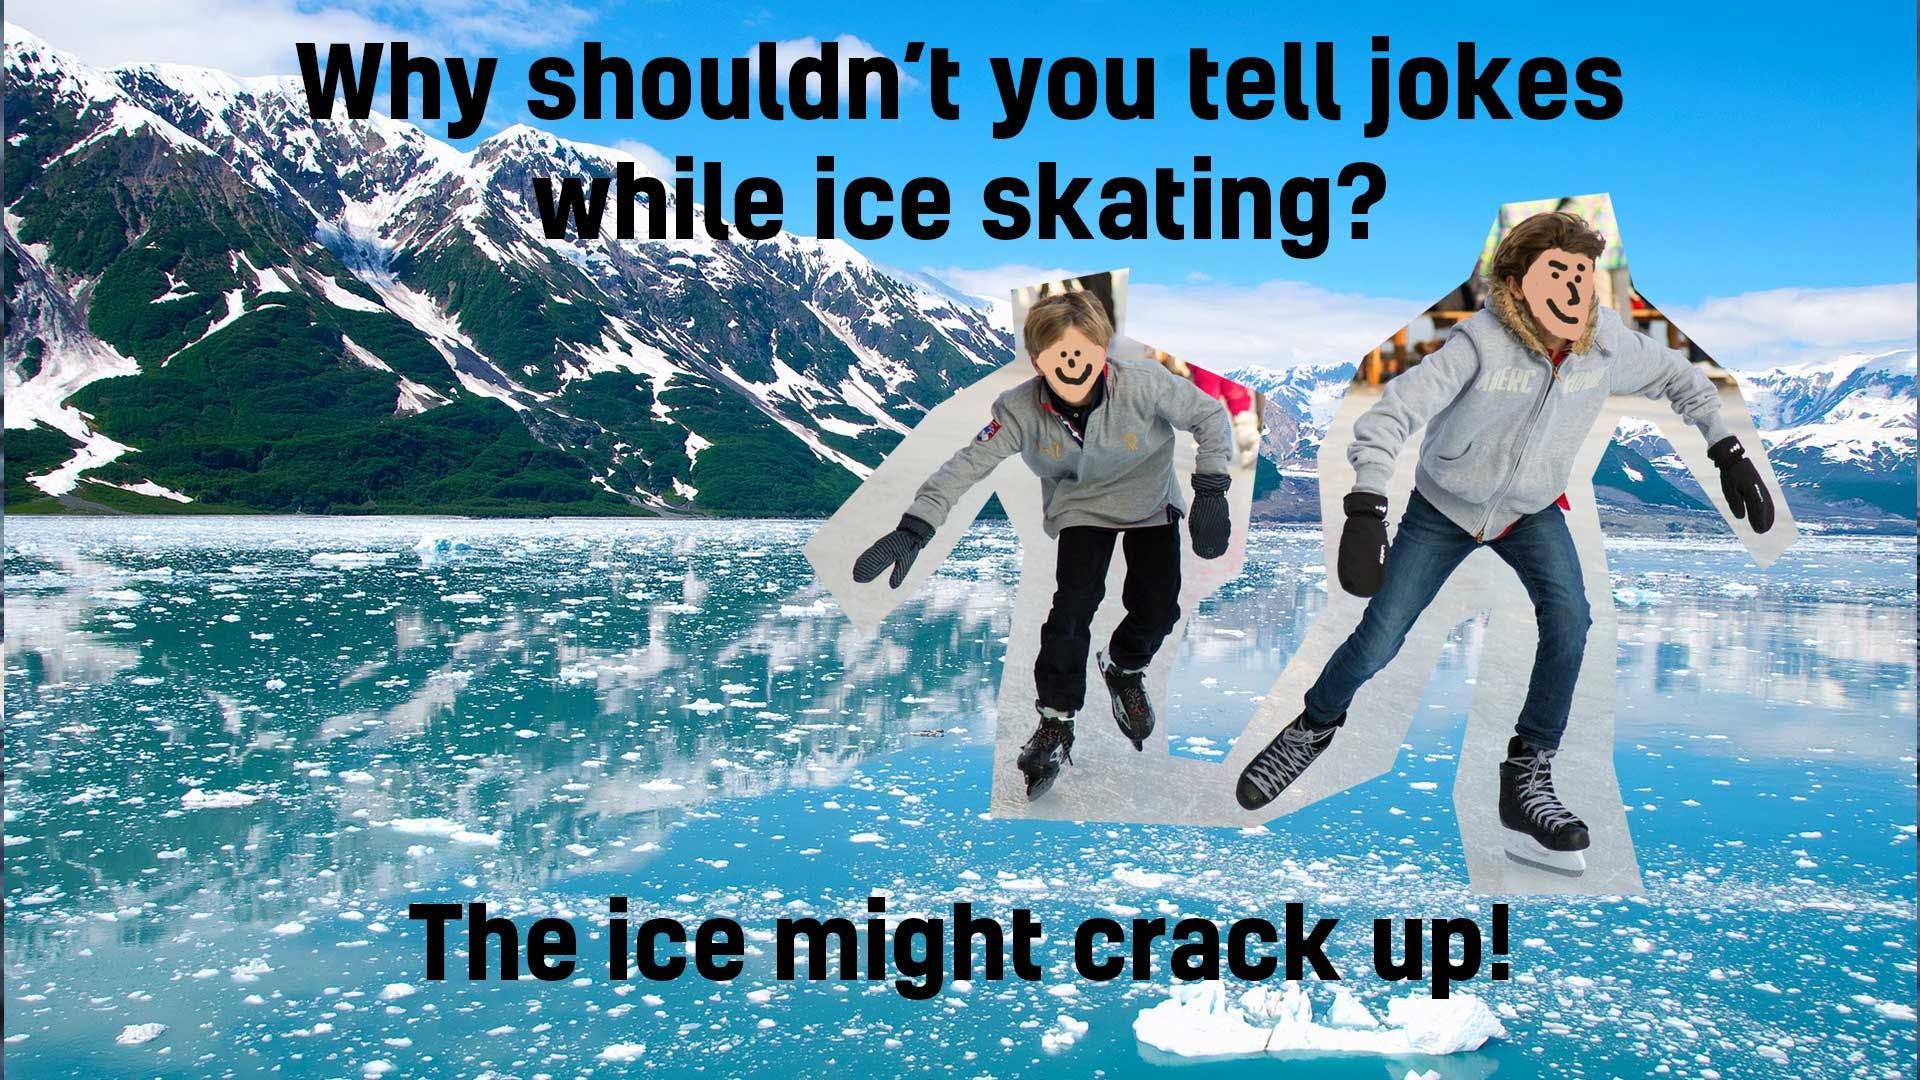 Ice skating joke